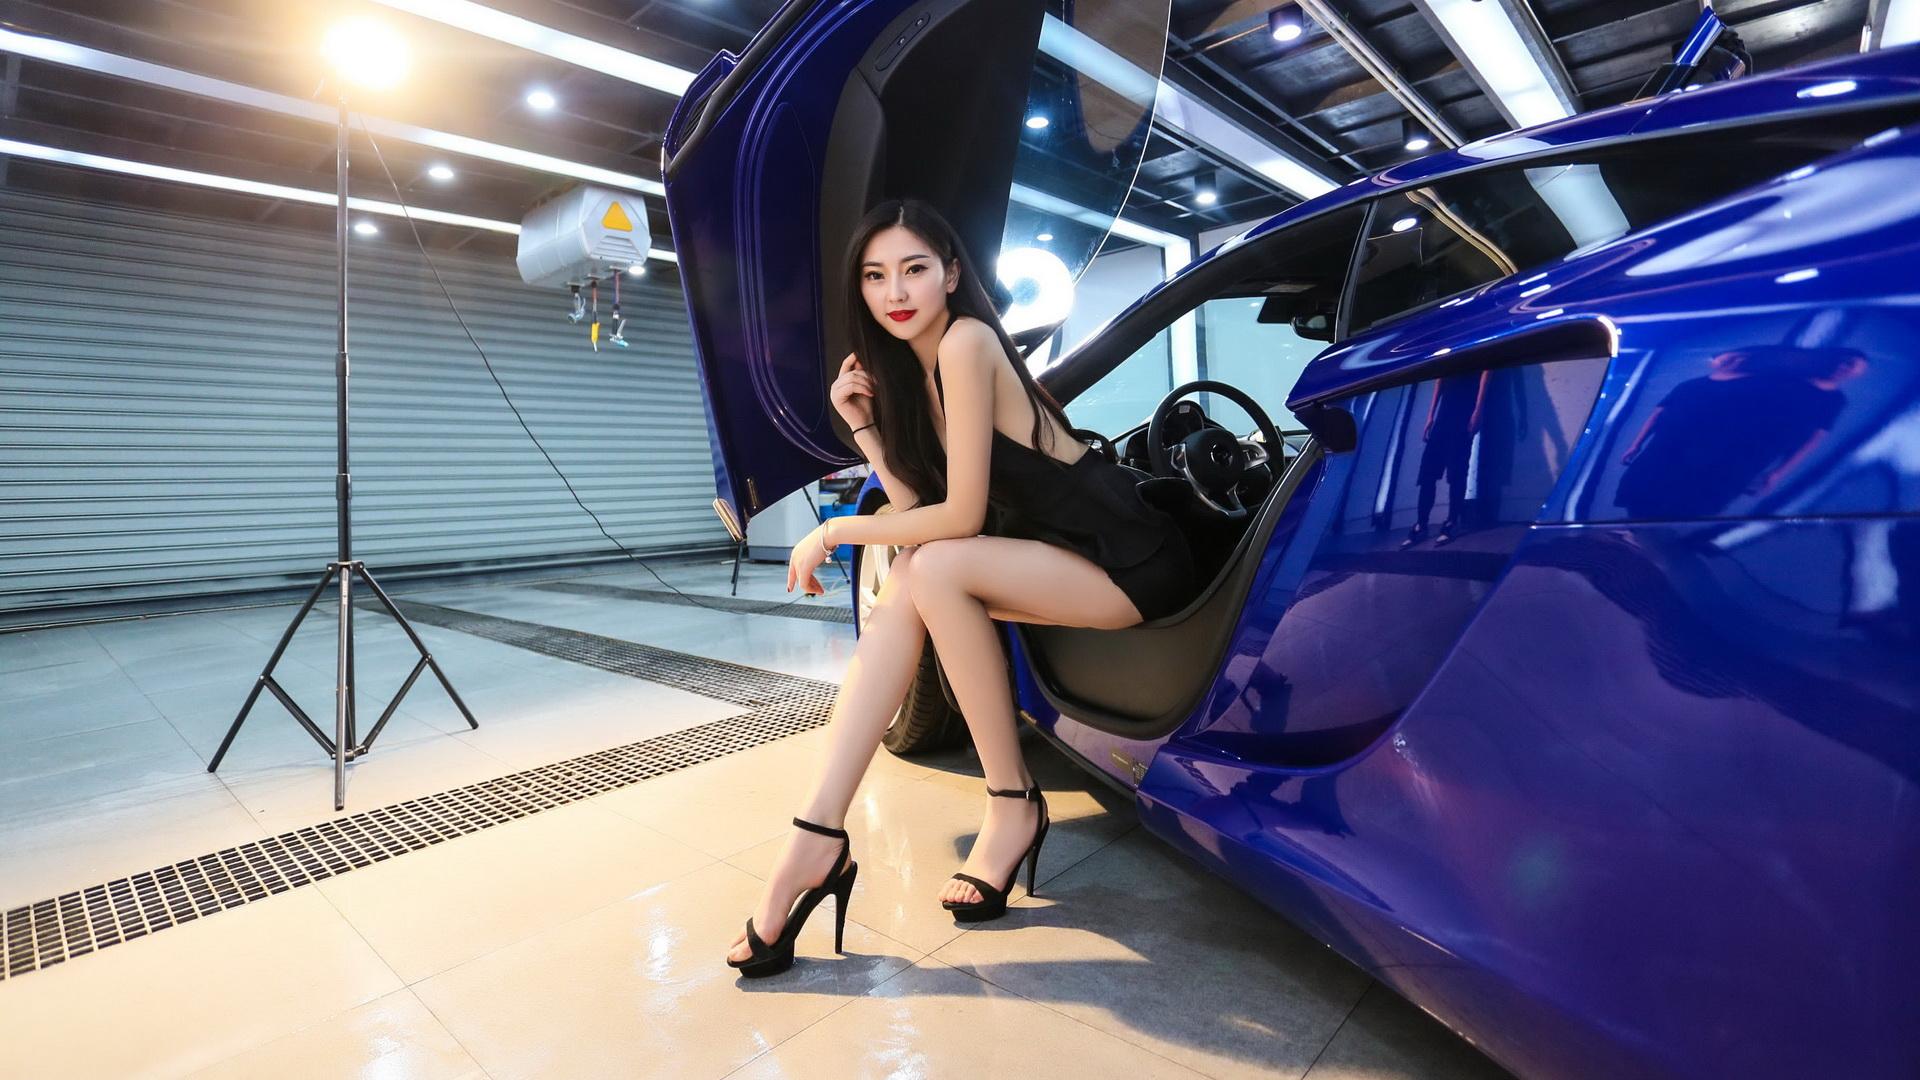 узнали что смотреть фото девушек азиаток возле авто узкоглазой бляди